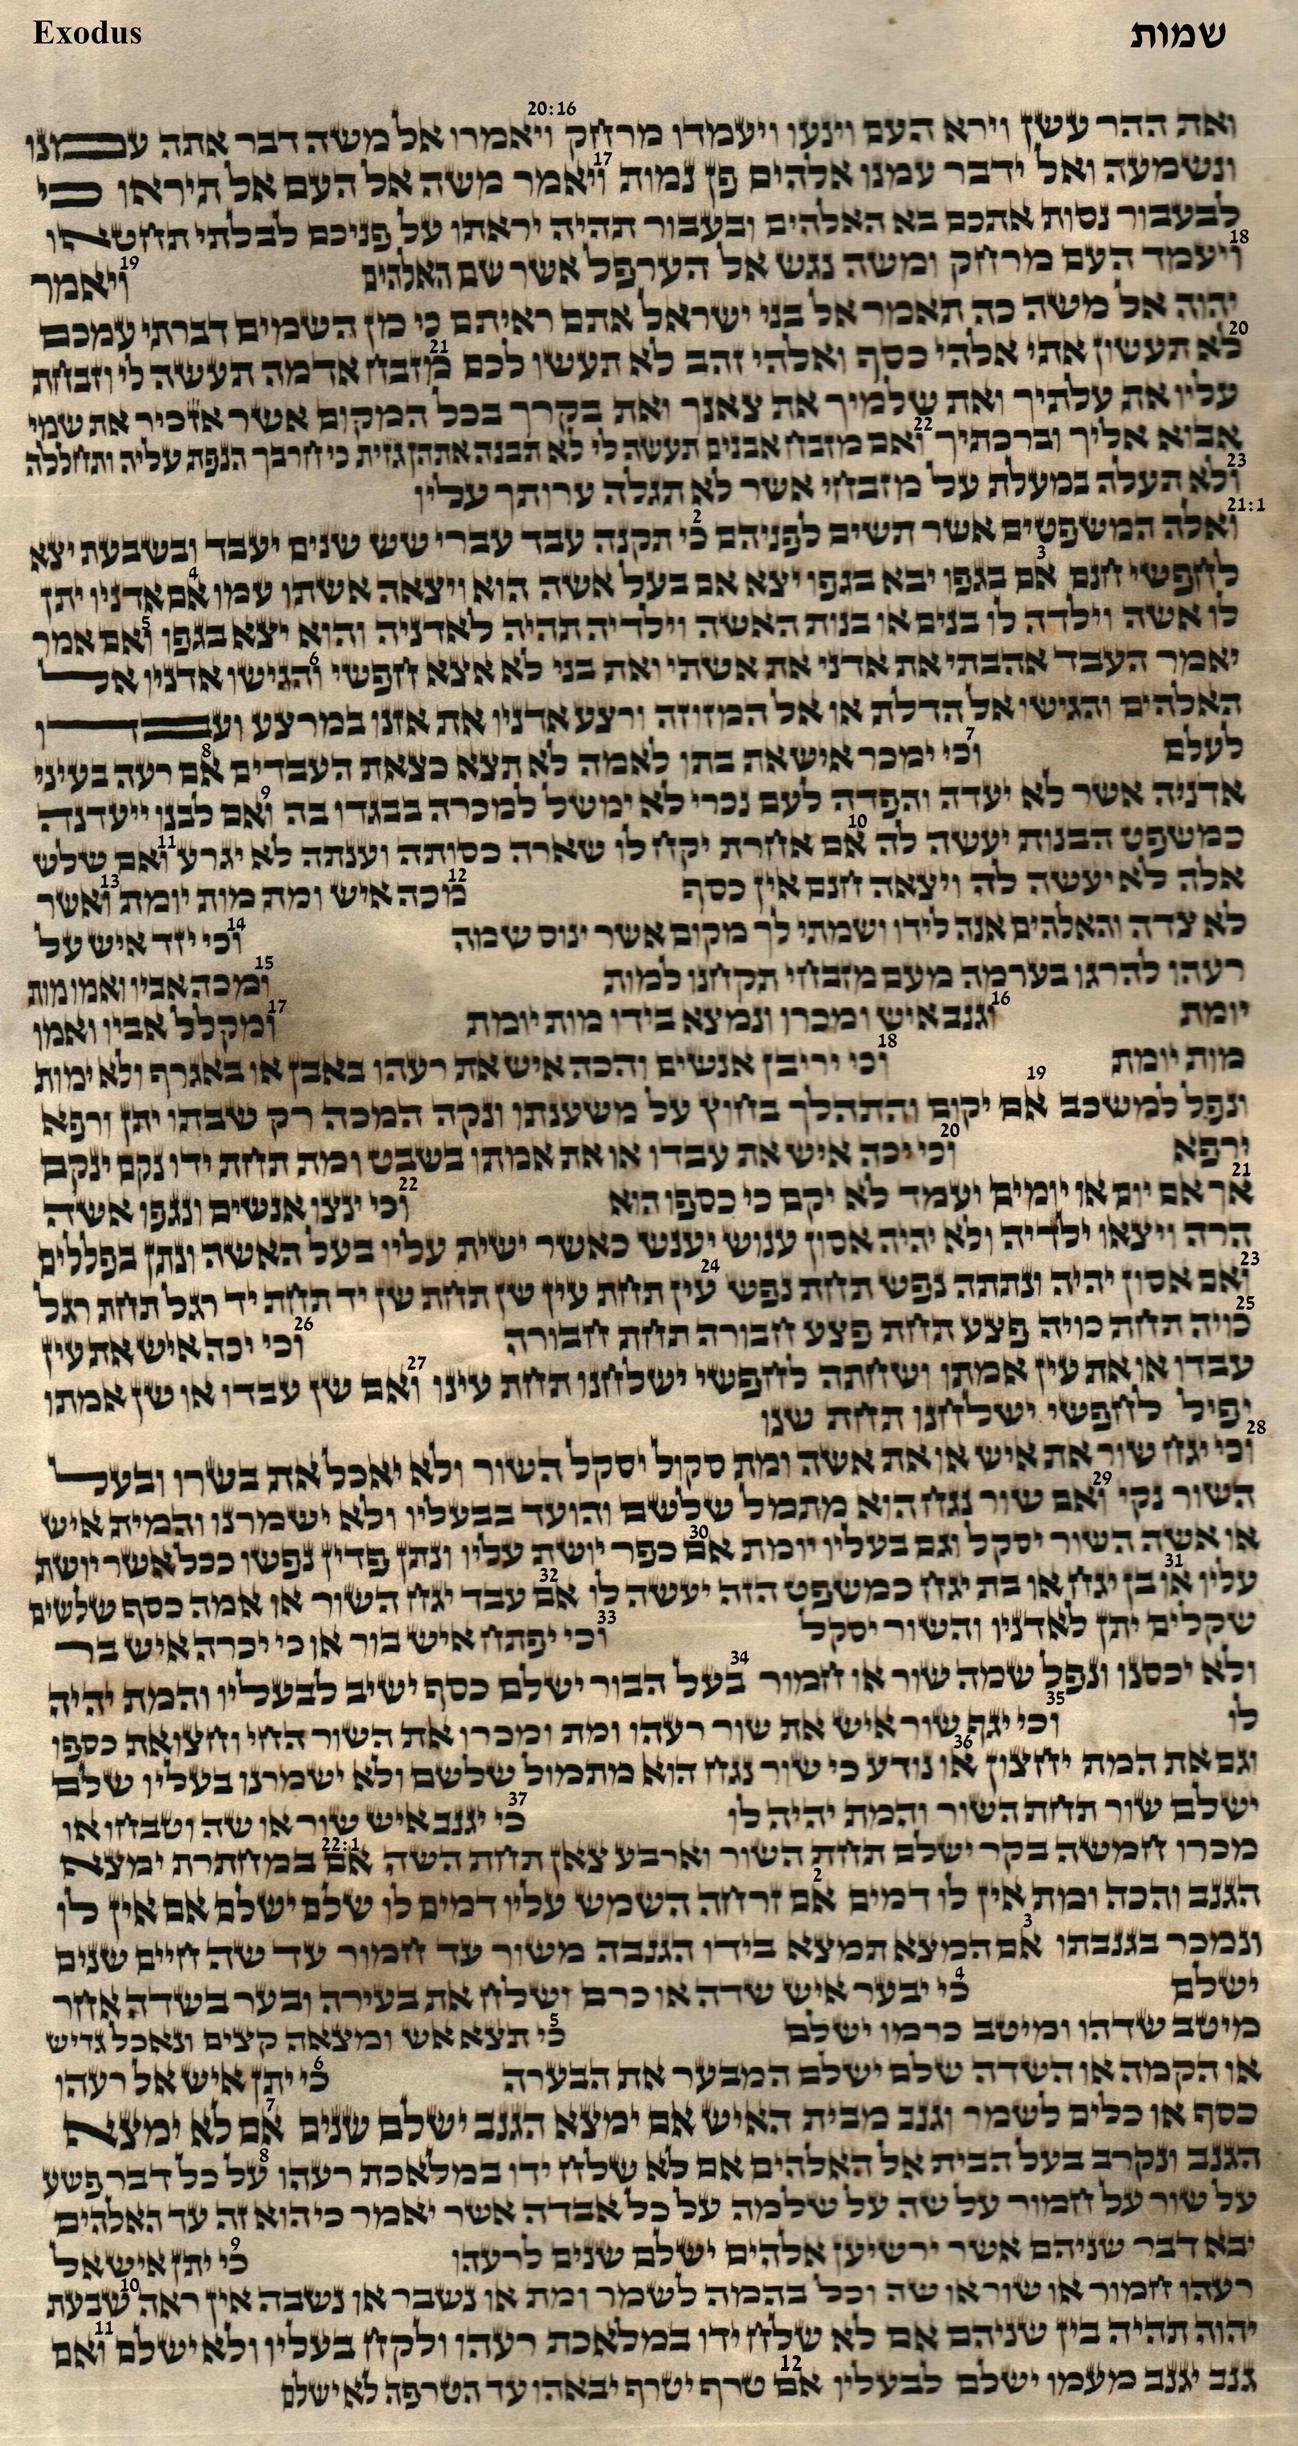 Exodus 20.16 - 22.12